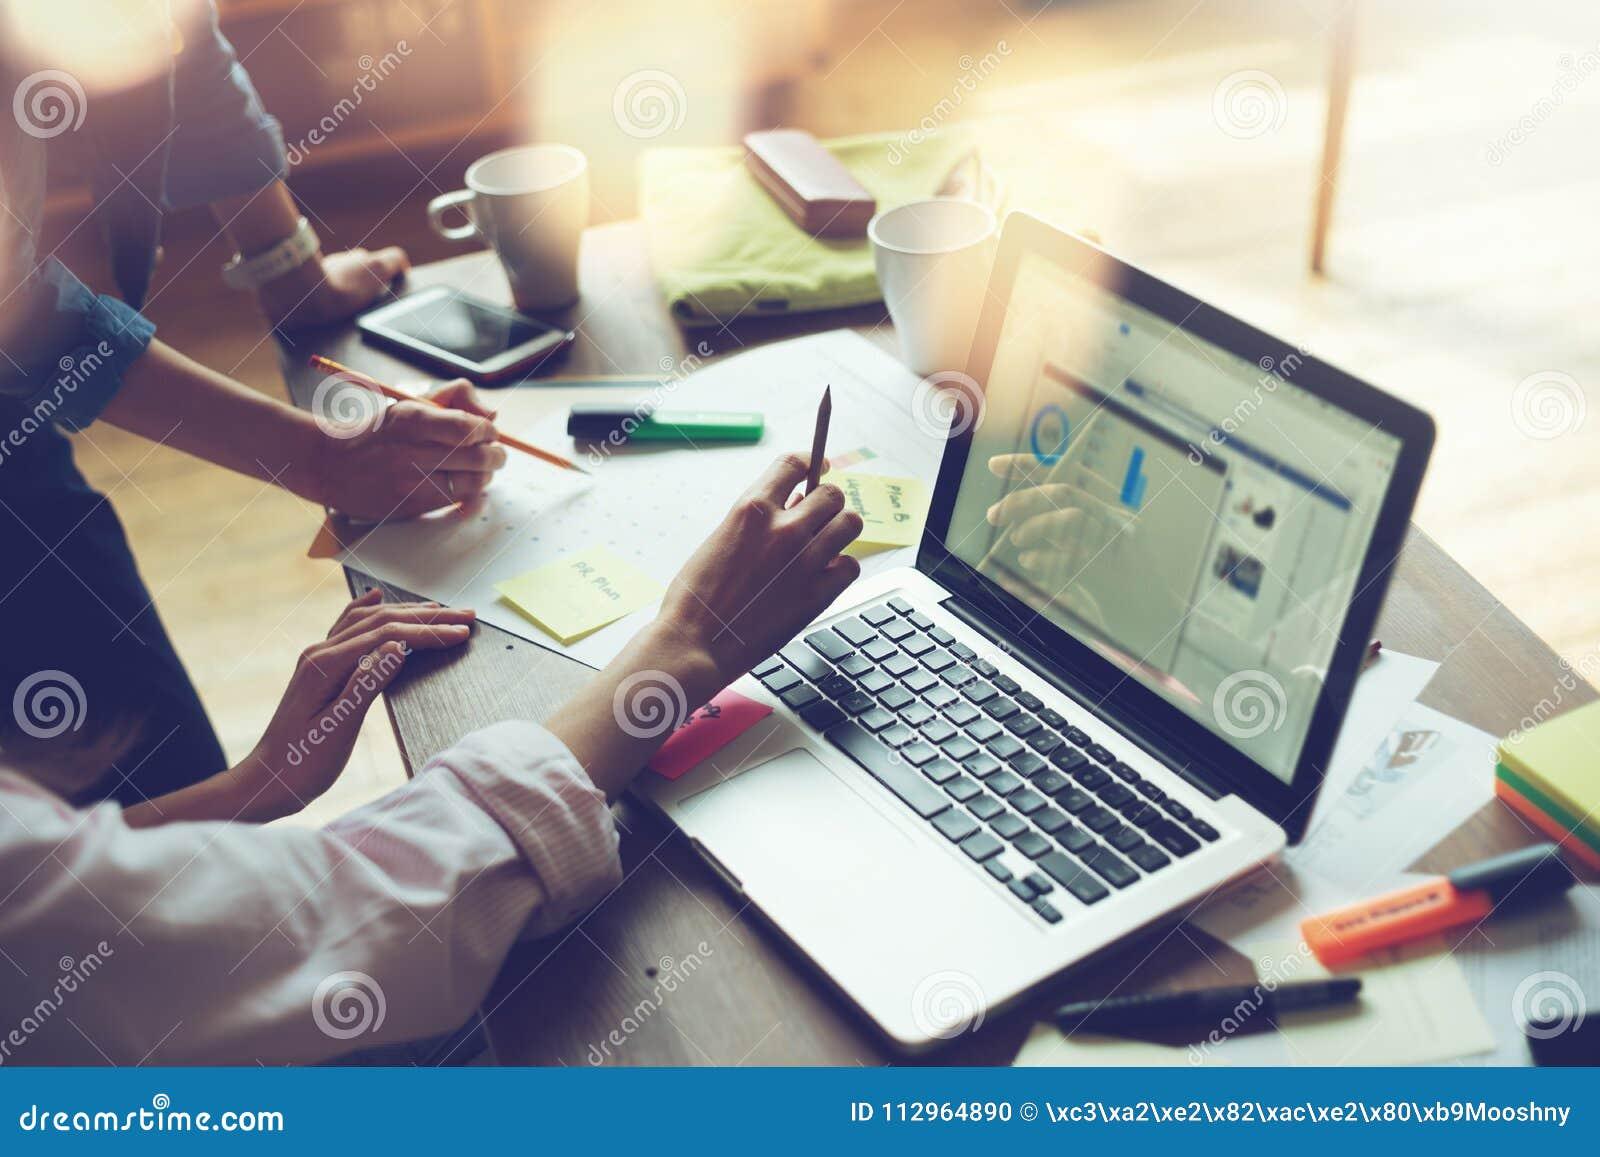 Συνεδρίαση του επιχειρησιακού προγράμματος Εμπορική ομάδα που συζητά το νέο σχέδιο εργασίας Lap-top και γραφική εργασία στο ανοικ